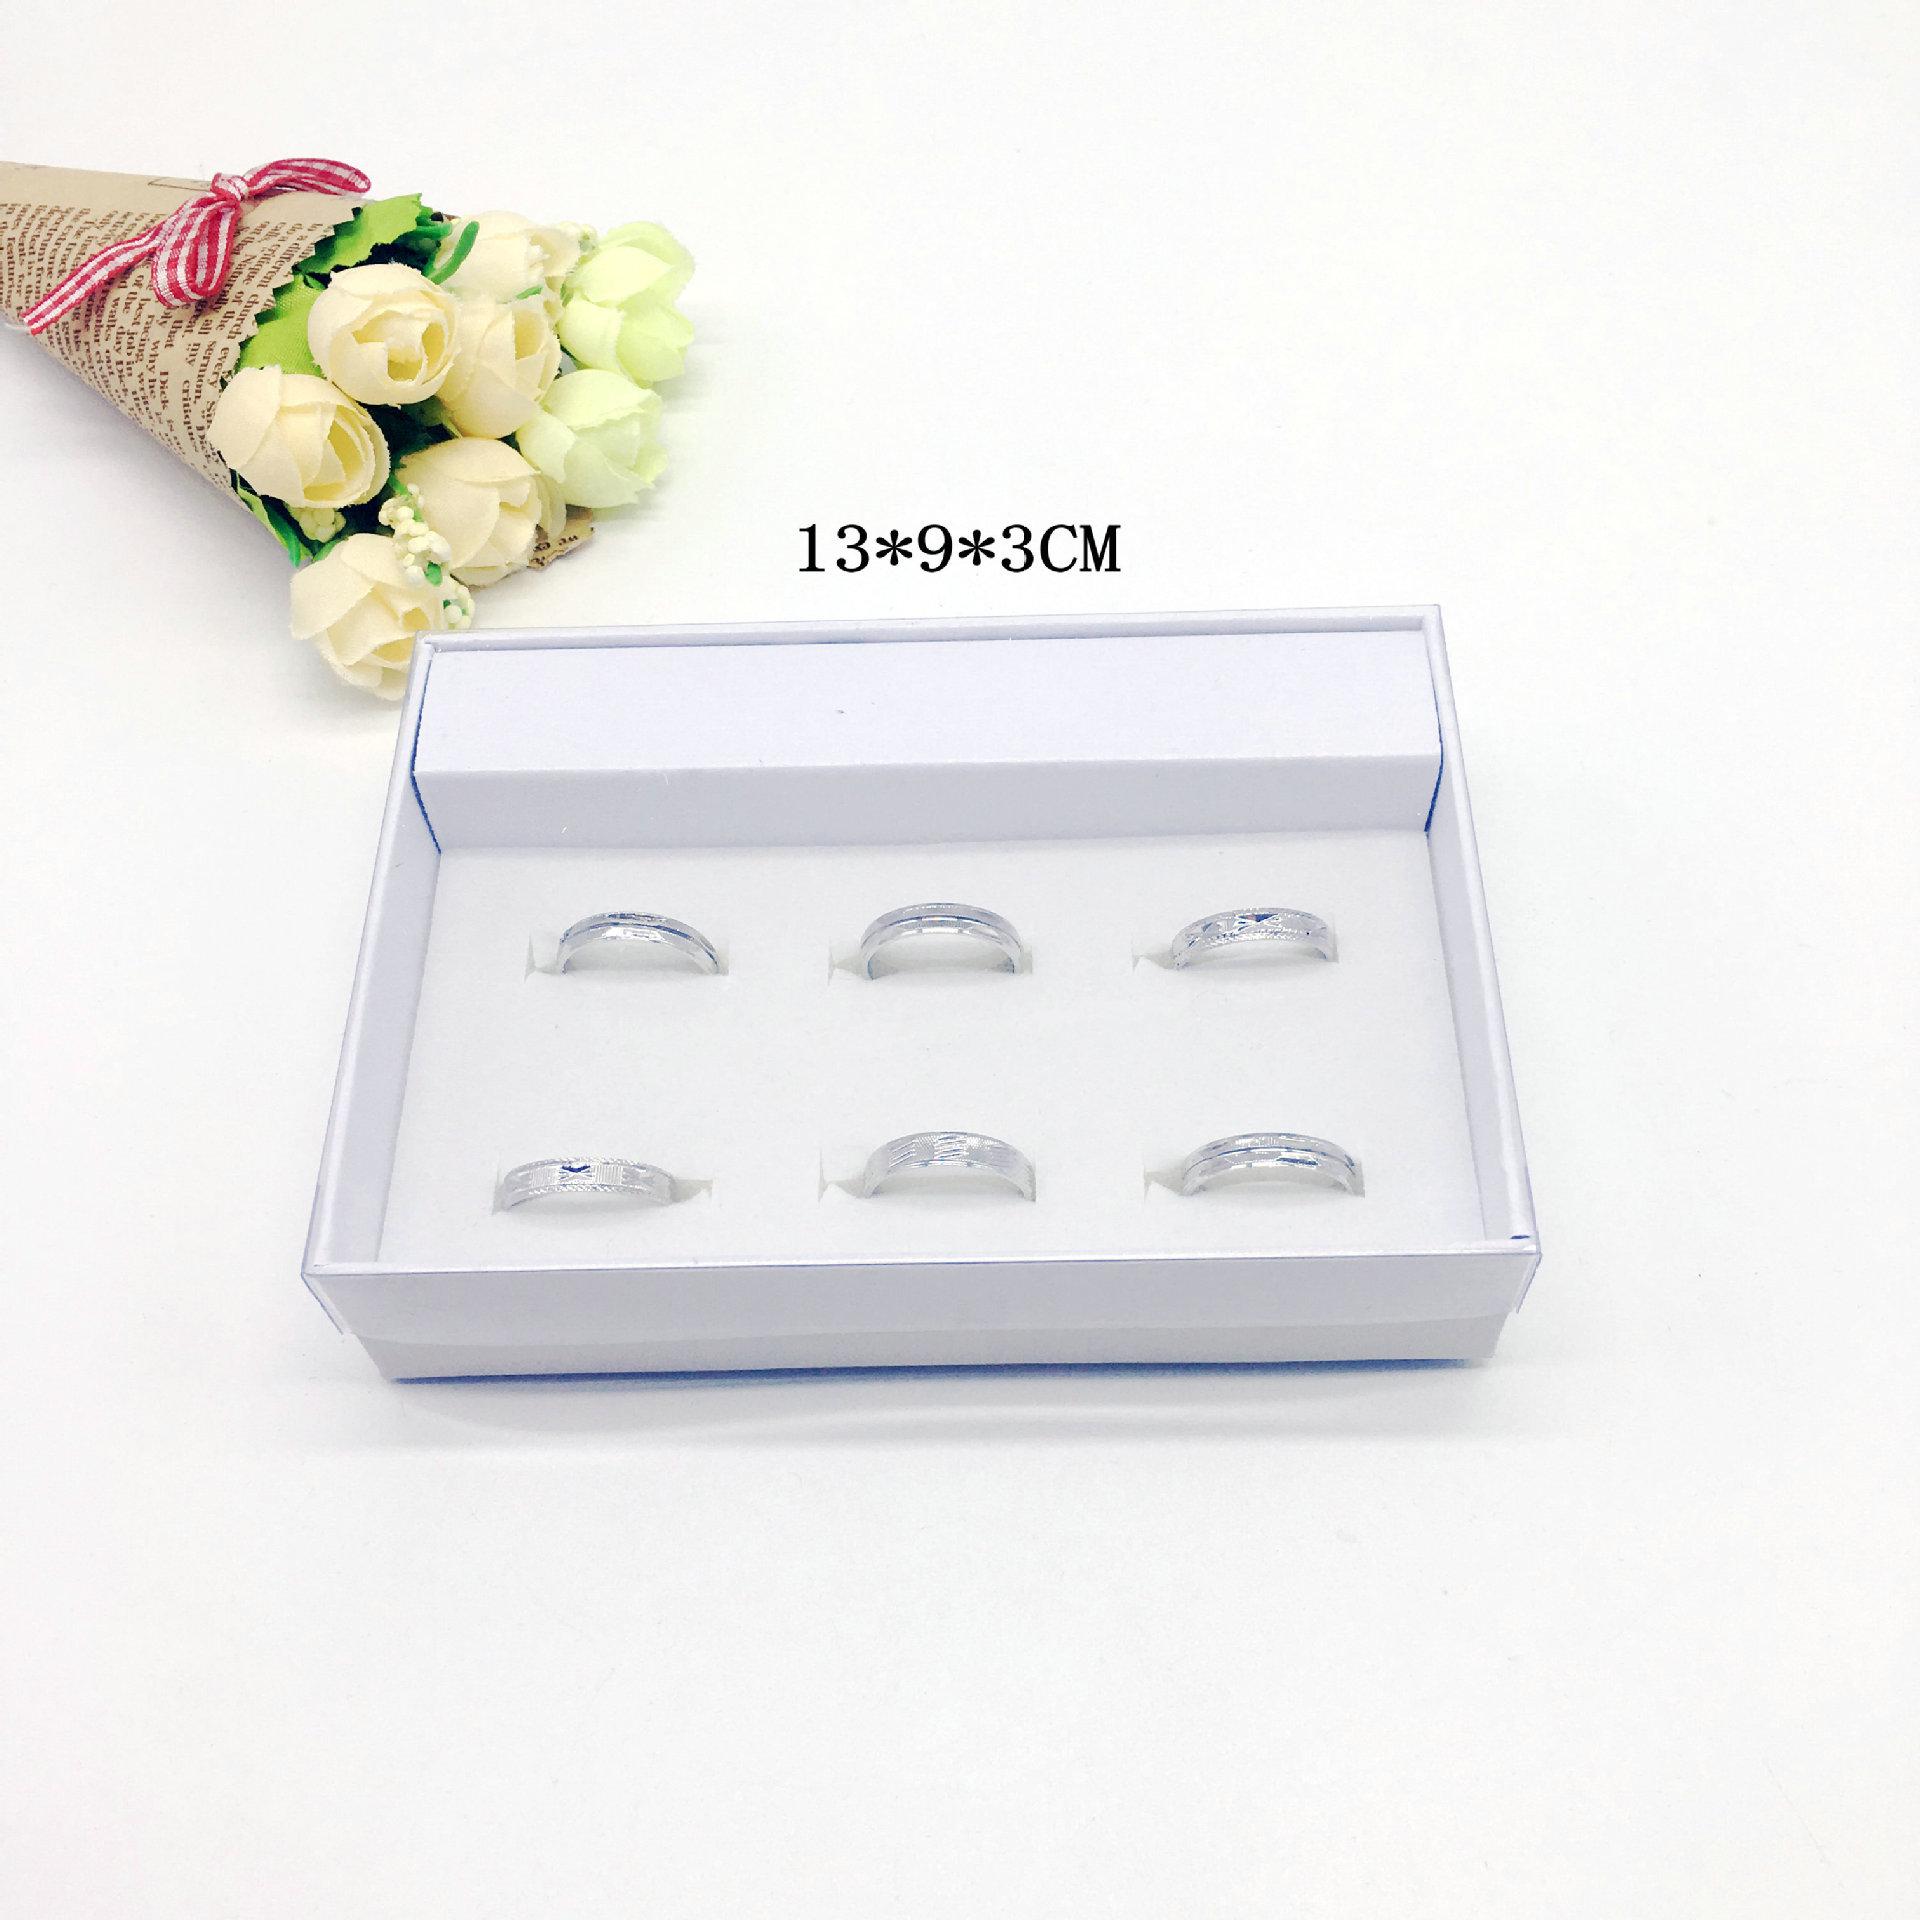 厂家现货供应通款6孔地摊戒指包装盒 12孔位带透明PVC盖首饰盒